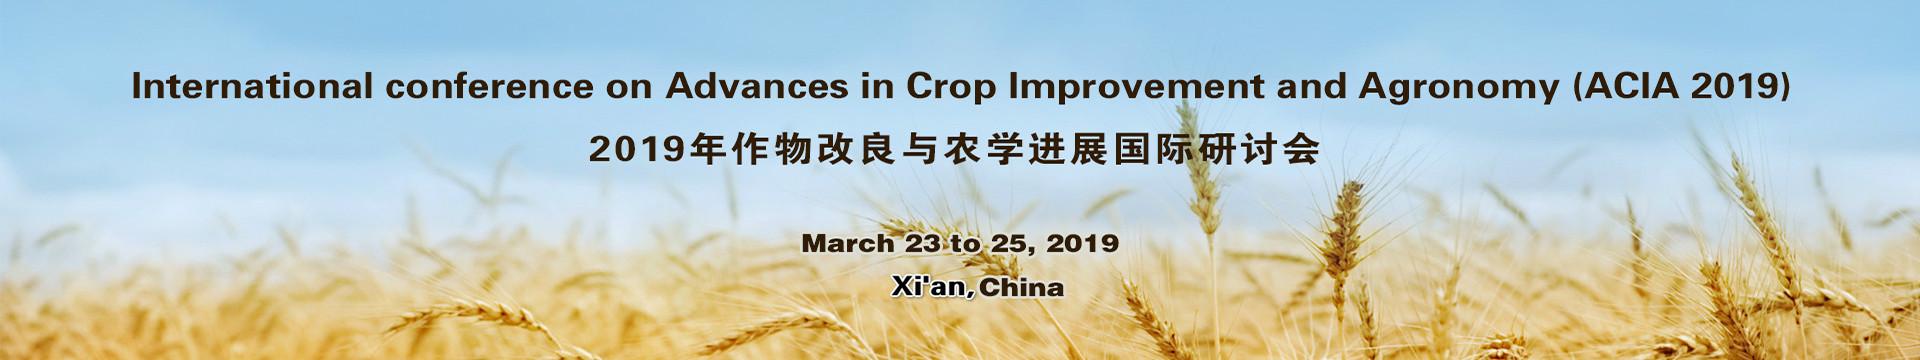 2019年作物改良与农学进展国际研讨会(ACIA 2019)